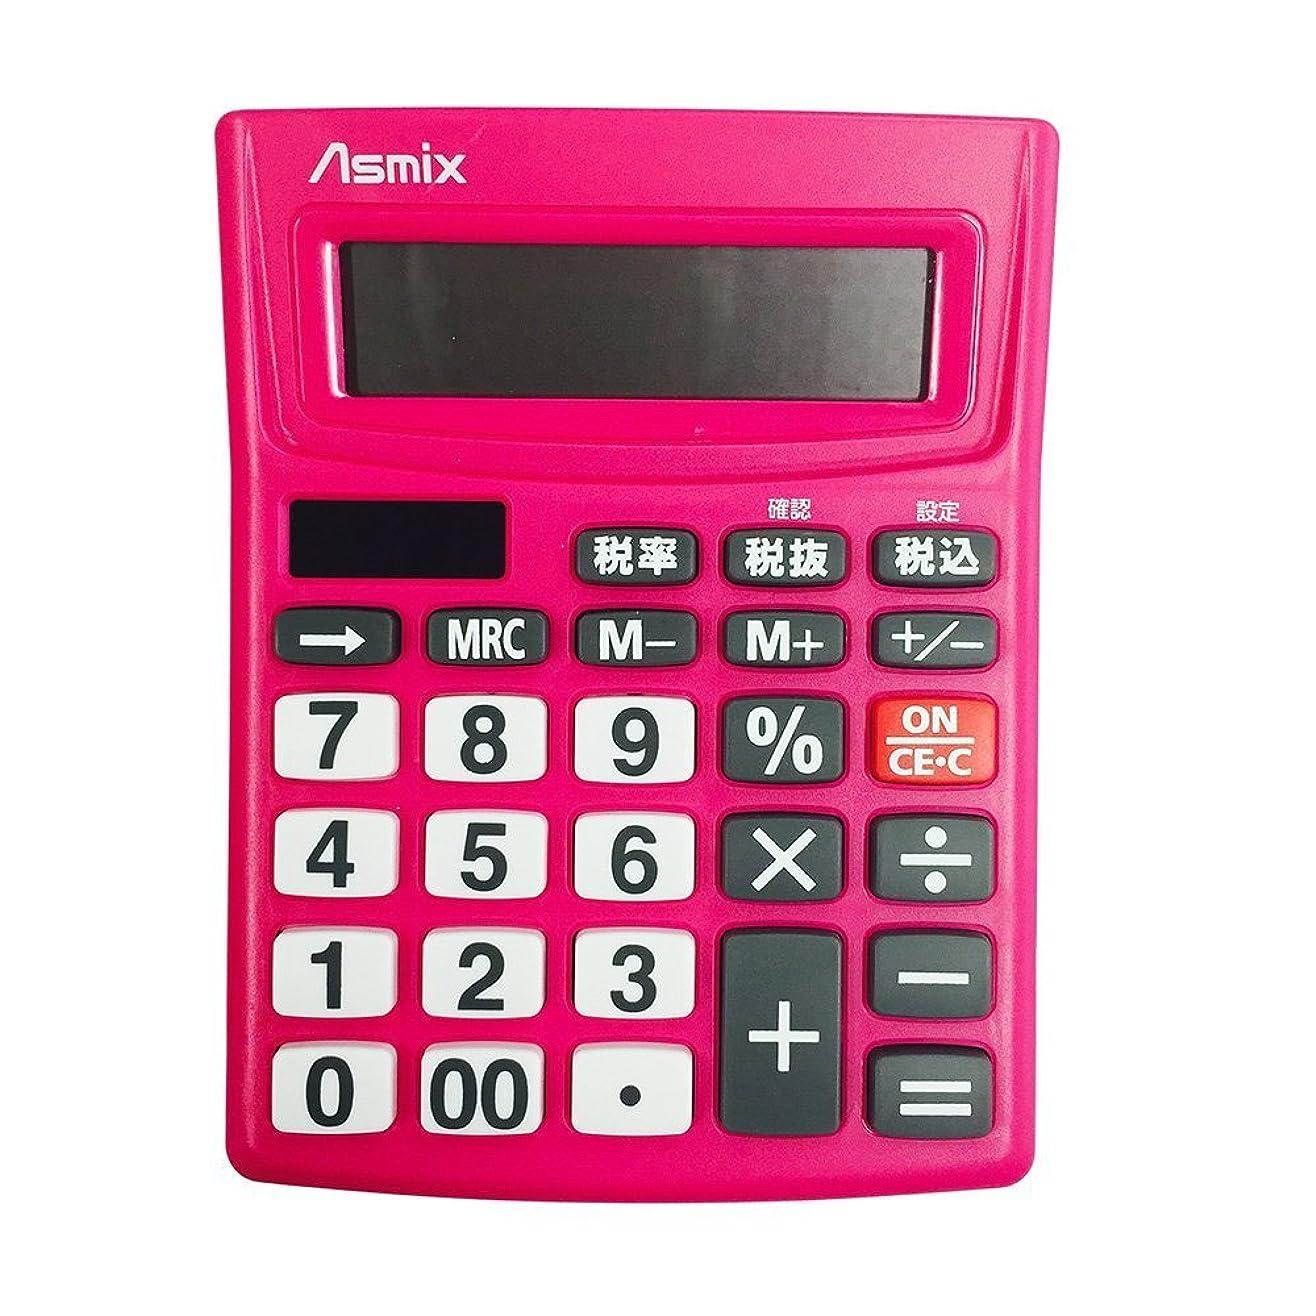 牧師毛布陰気(まとめ買い) アスカ Asmix ビジネス電卓 ピンク C1234P 【×5】